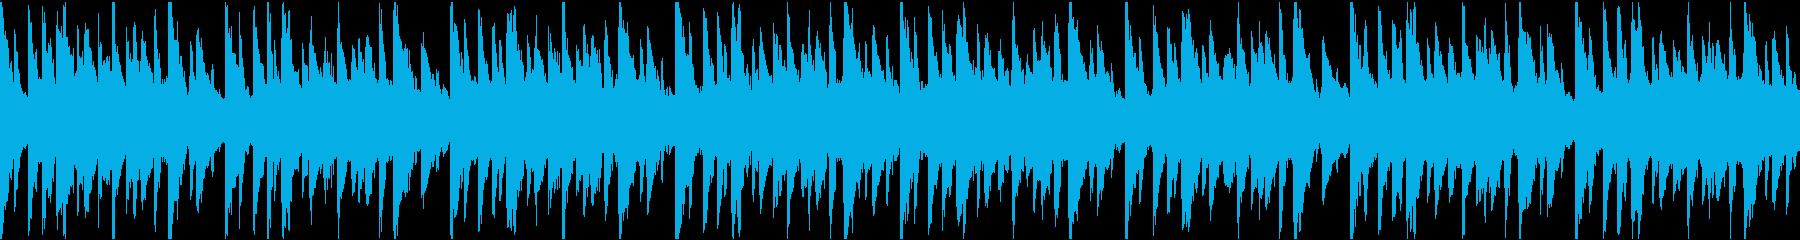 ループ曲 キラキラしたトキメキのリゾートの再生済みの波形